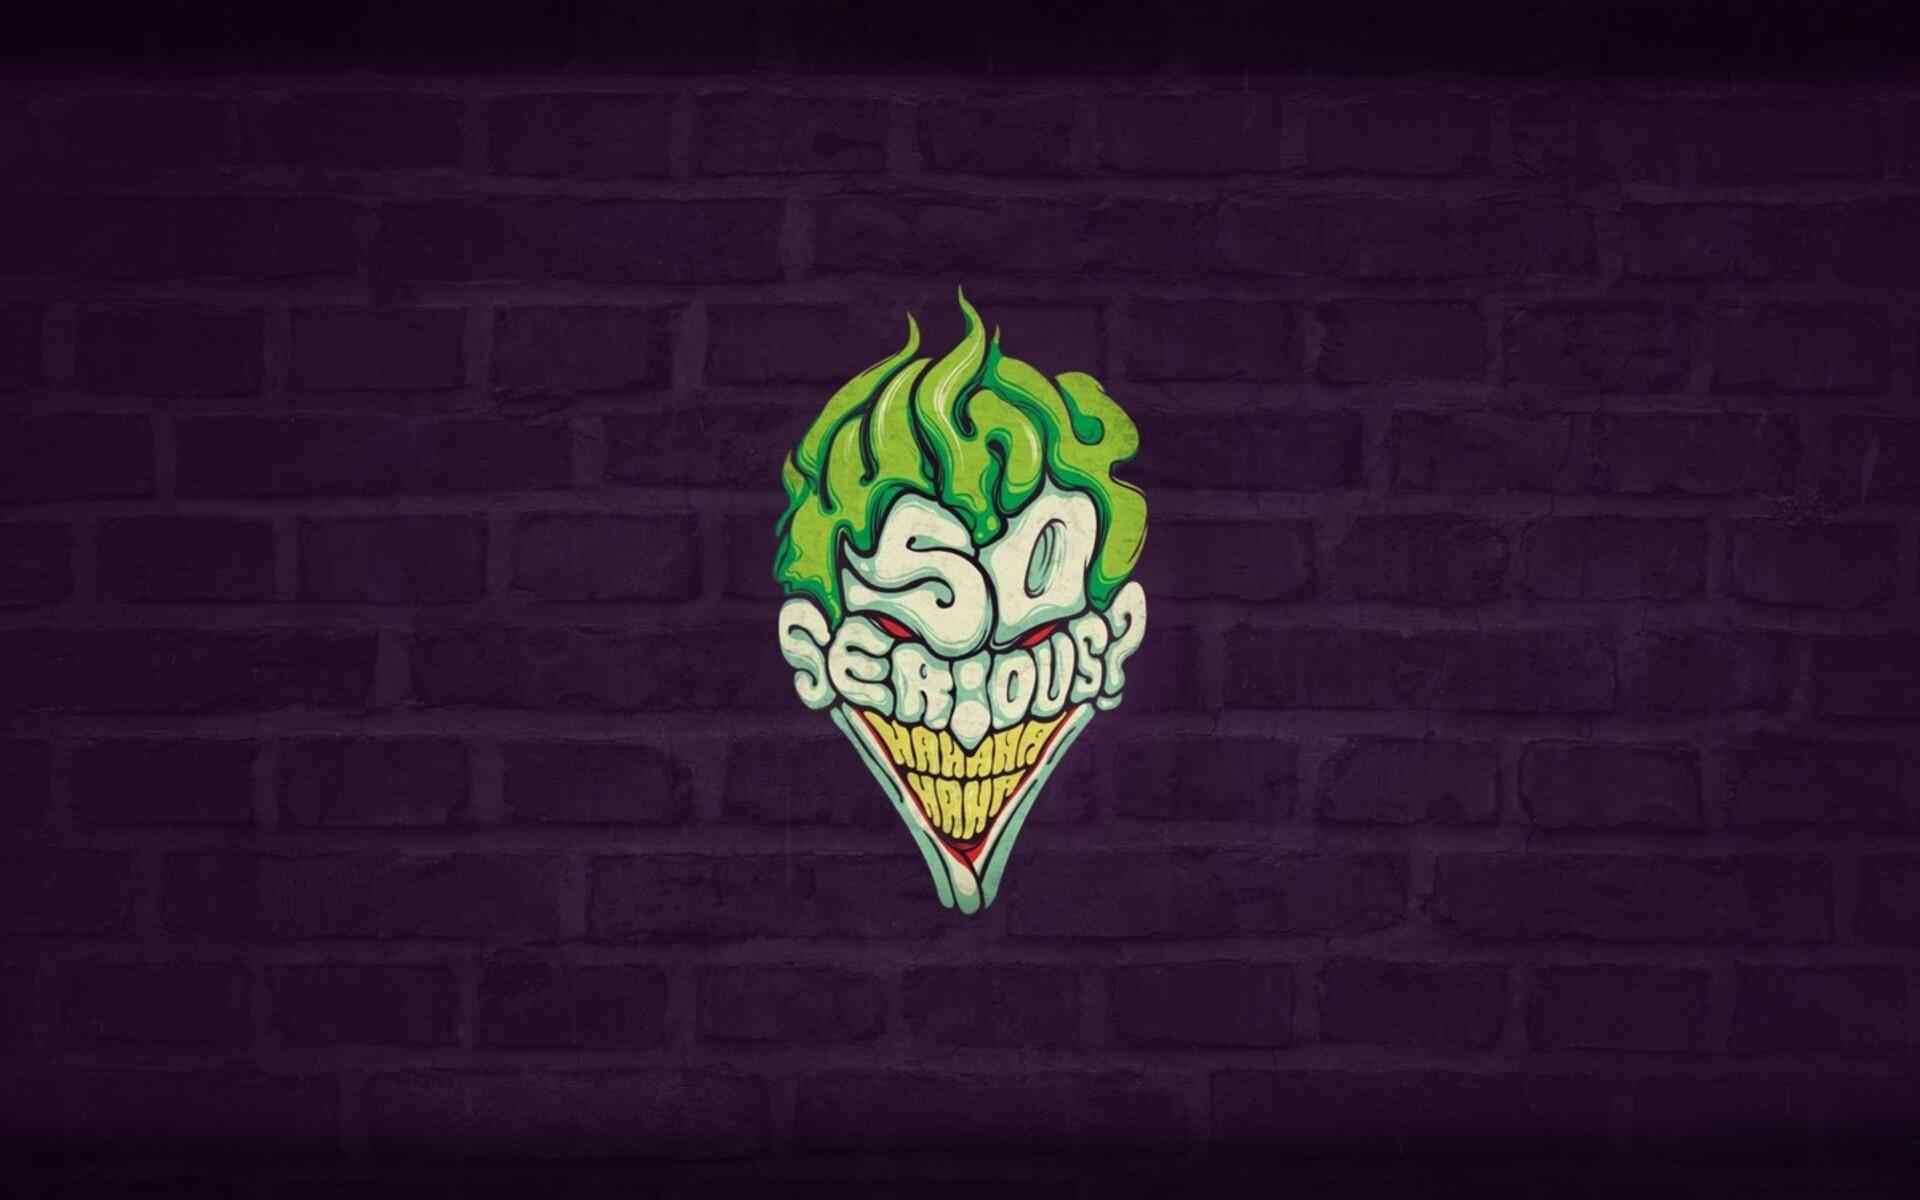 1920x1200 So Serious Joker 1080P Resolution HD 4k ...